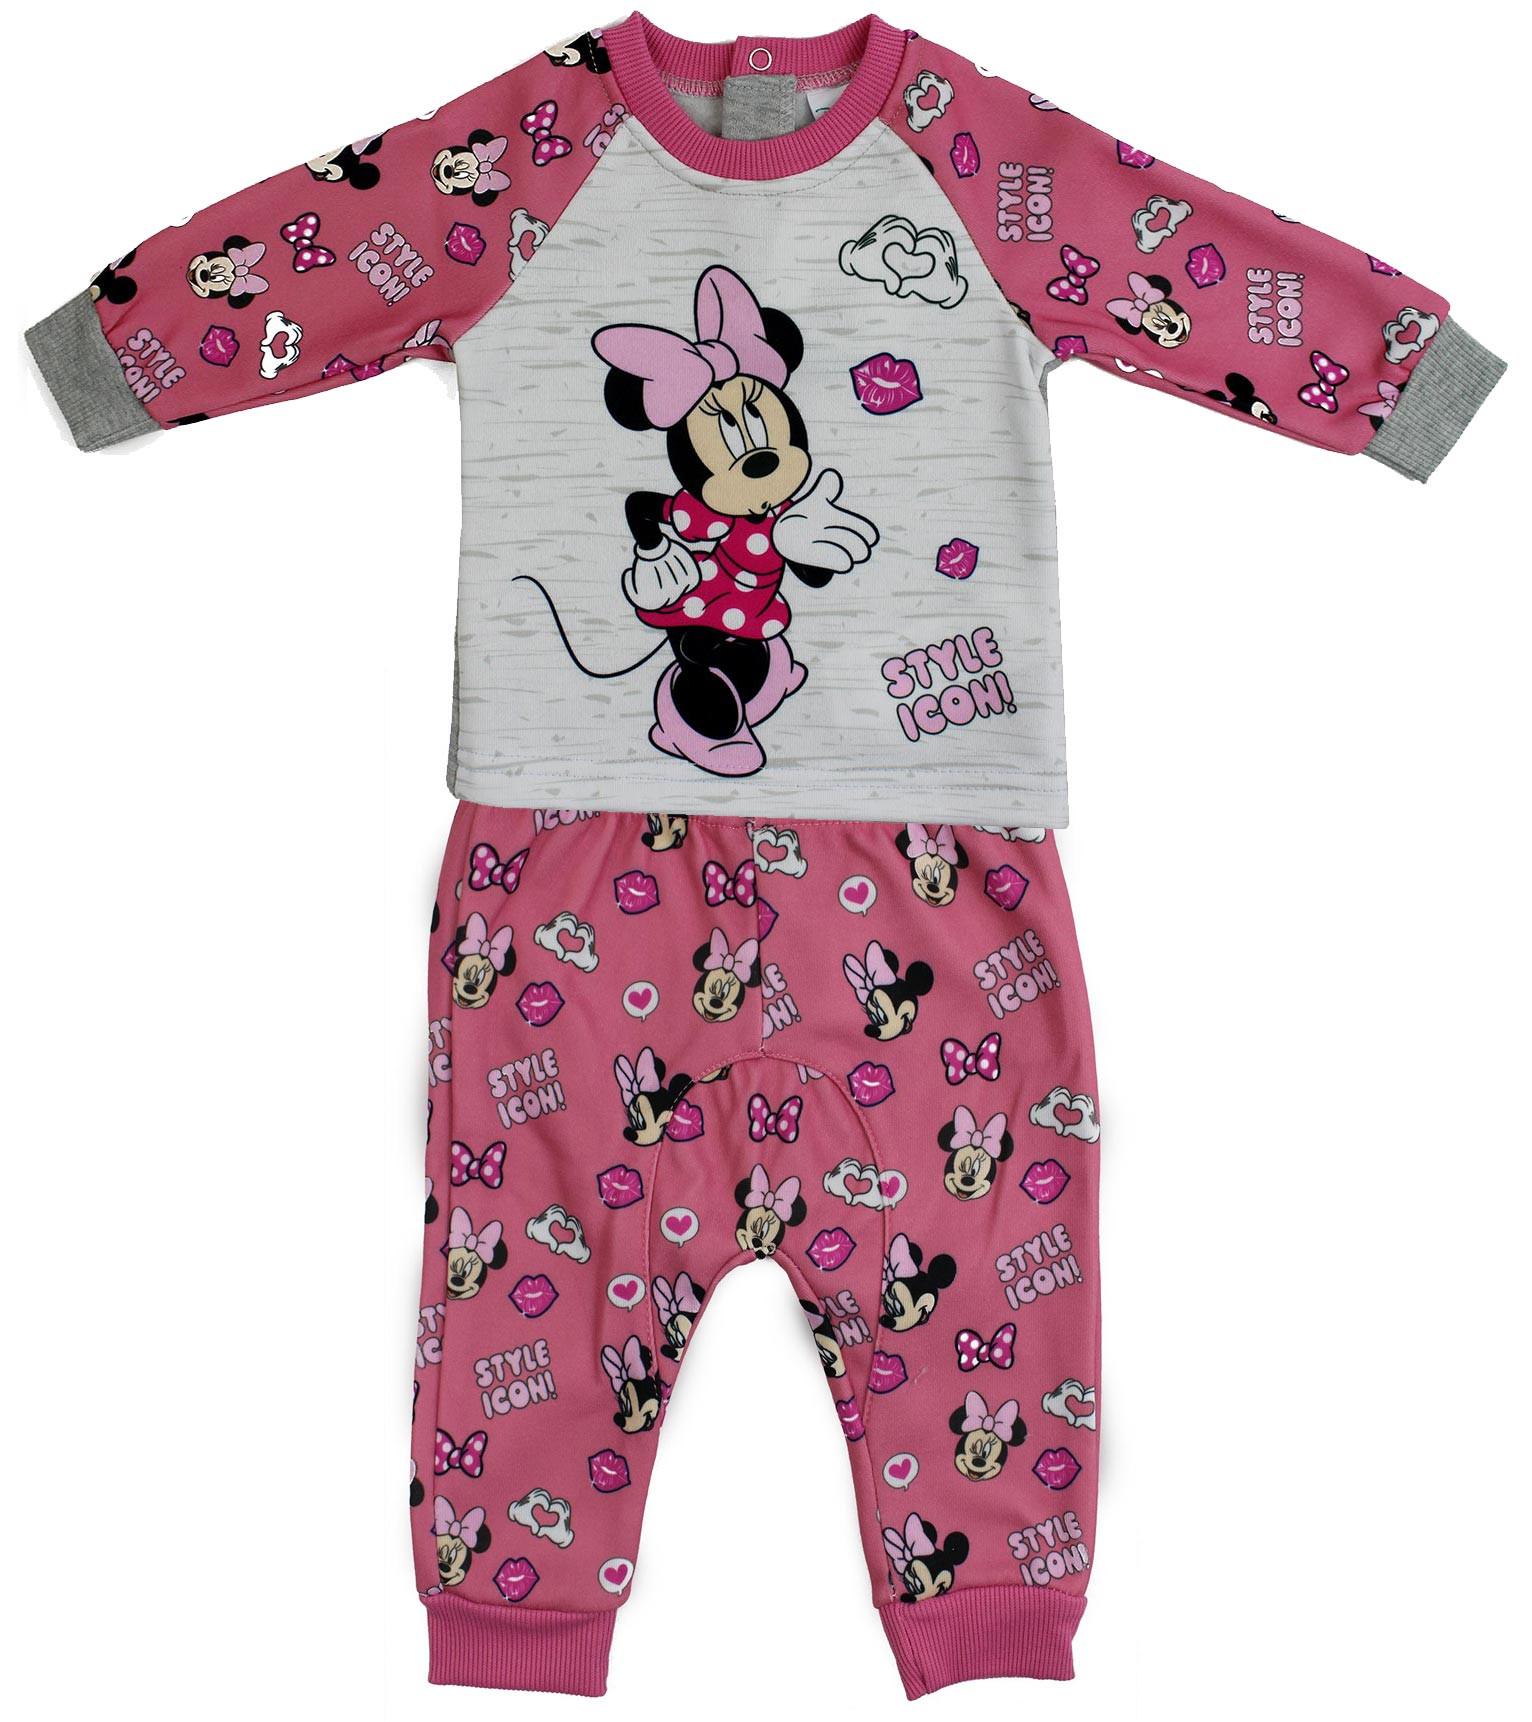 Tuta Neonato Disney Minnie - Rosa/Grigio